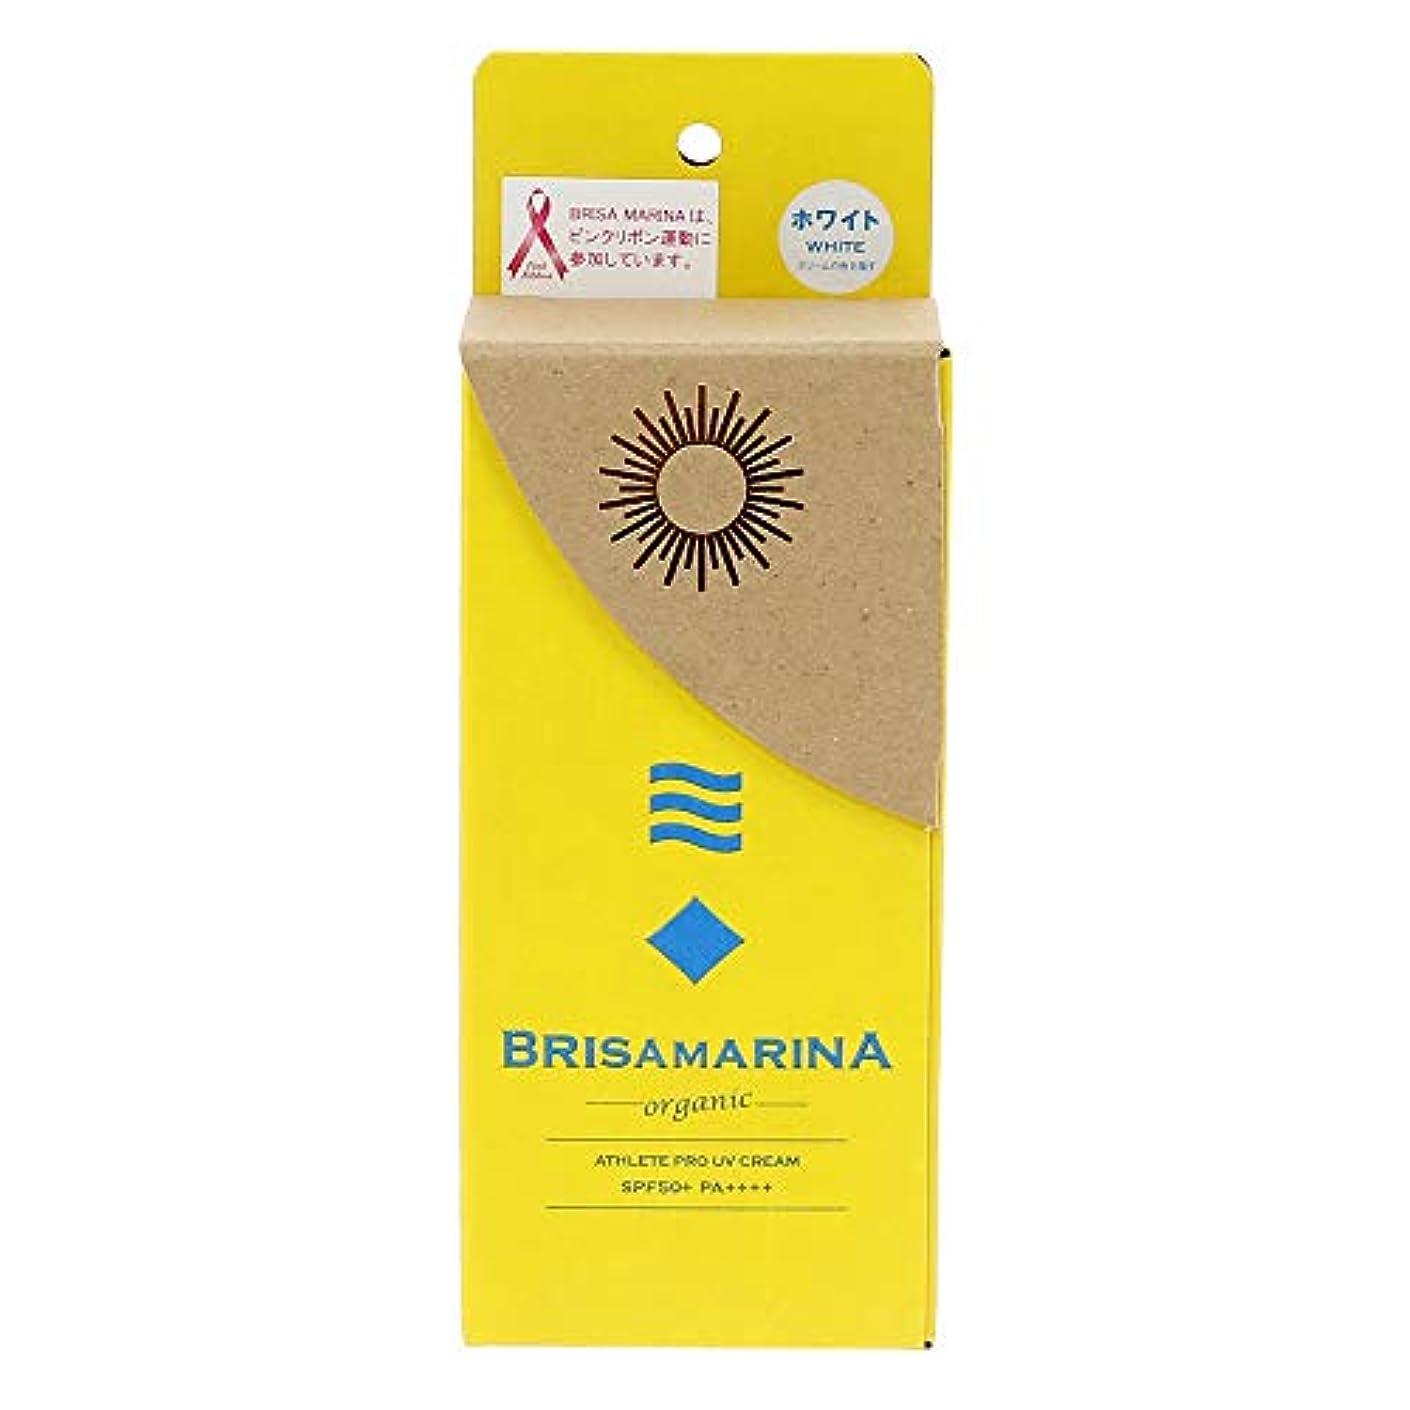 バリケード白内障疑いBRISA MARINA(ブリサ マリーナ) 日焼止め アスリートプロ UVクリーム 70g (ホワイト)[SPF50+ PA++++] Z-0CBM0016140